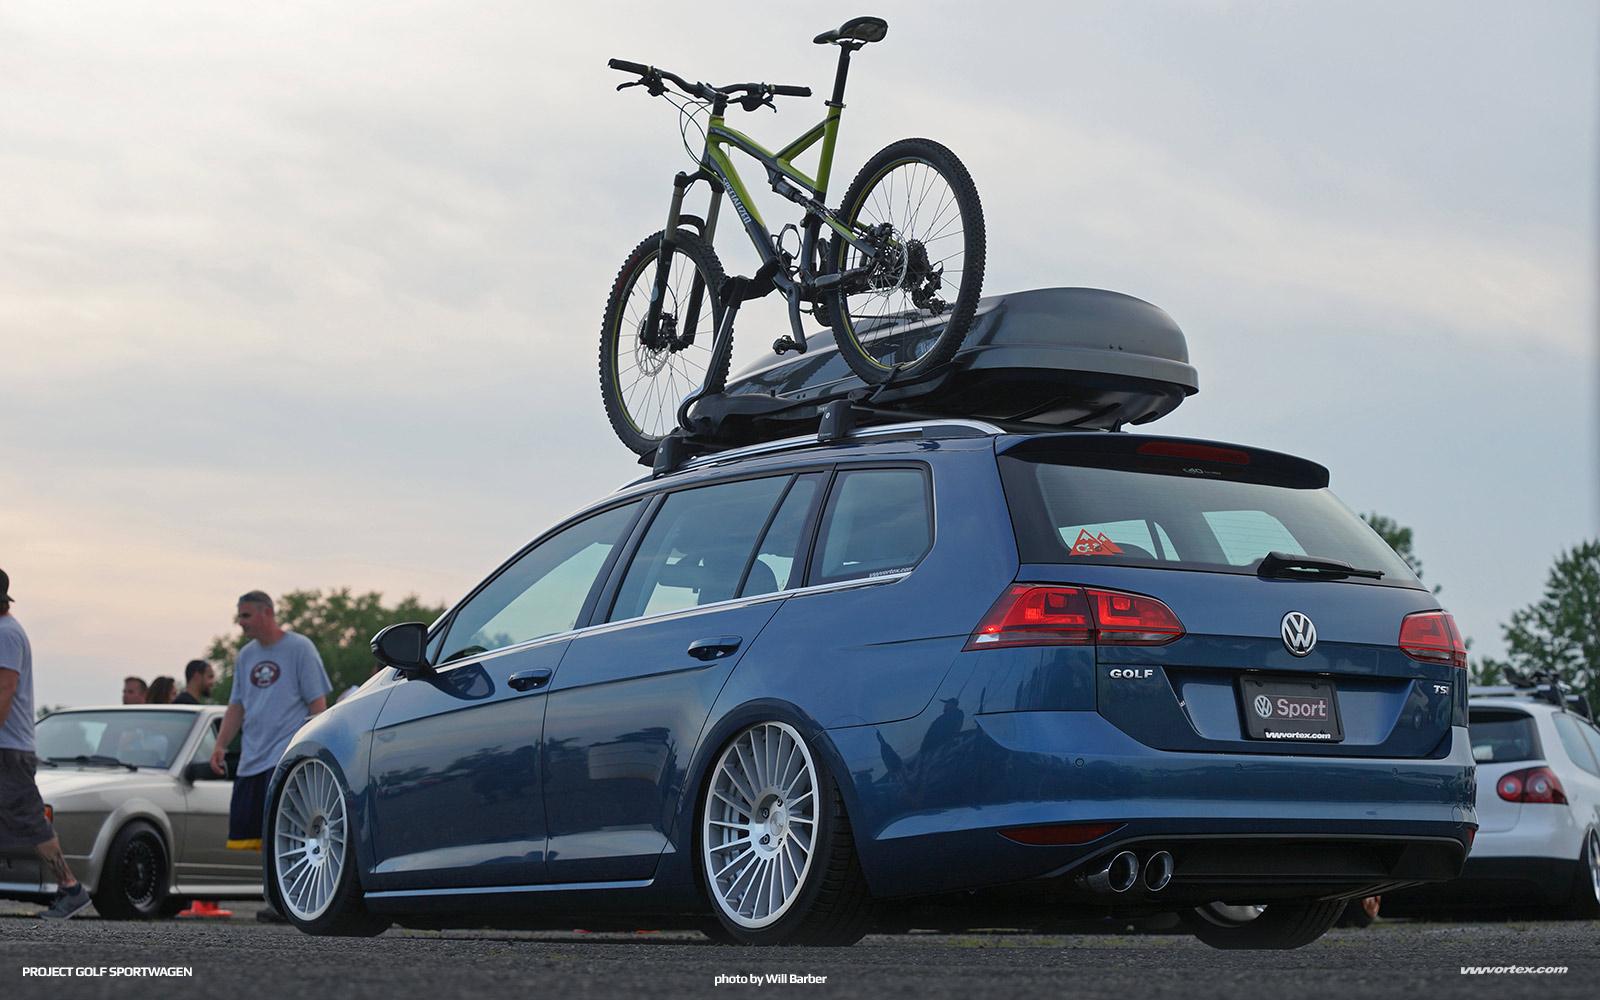 project-sportwagen-wheels-422